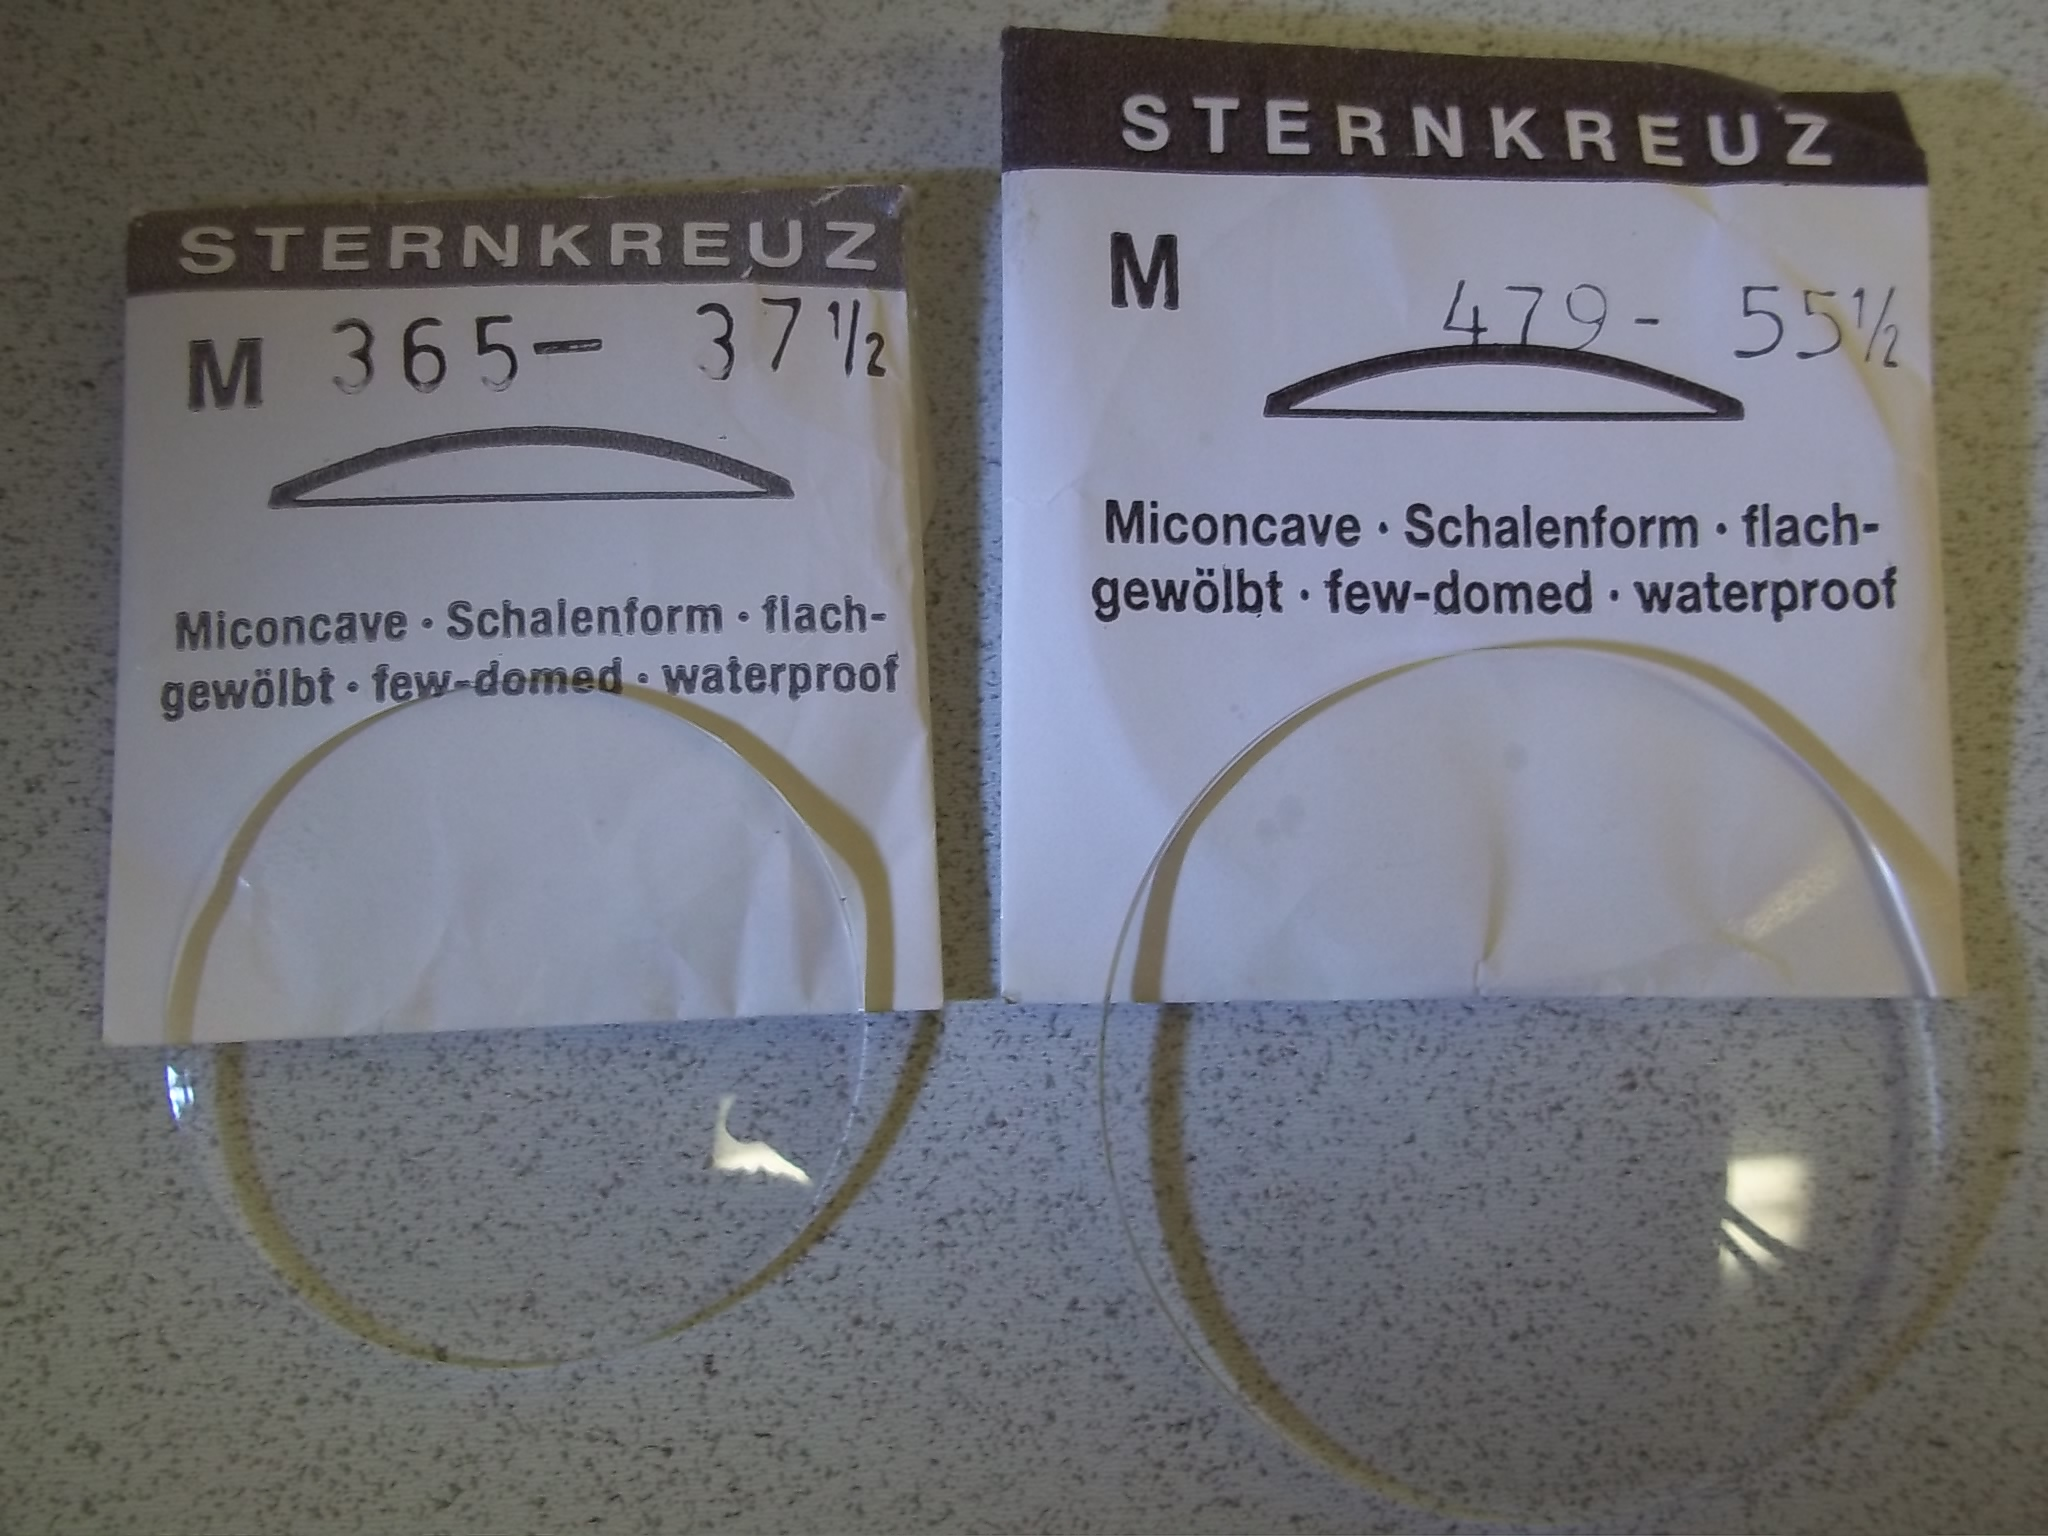 """M377-39 1/2 Sternkreuz Low Dome Plastic """"M"""" Miconcave Crystals"""